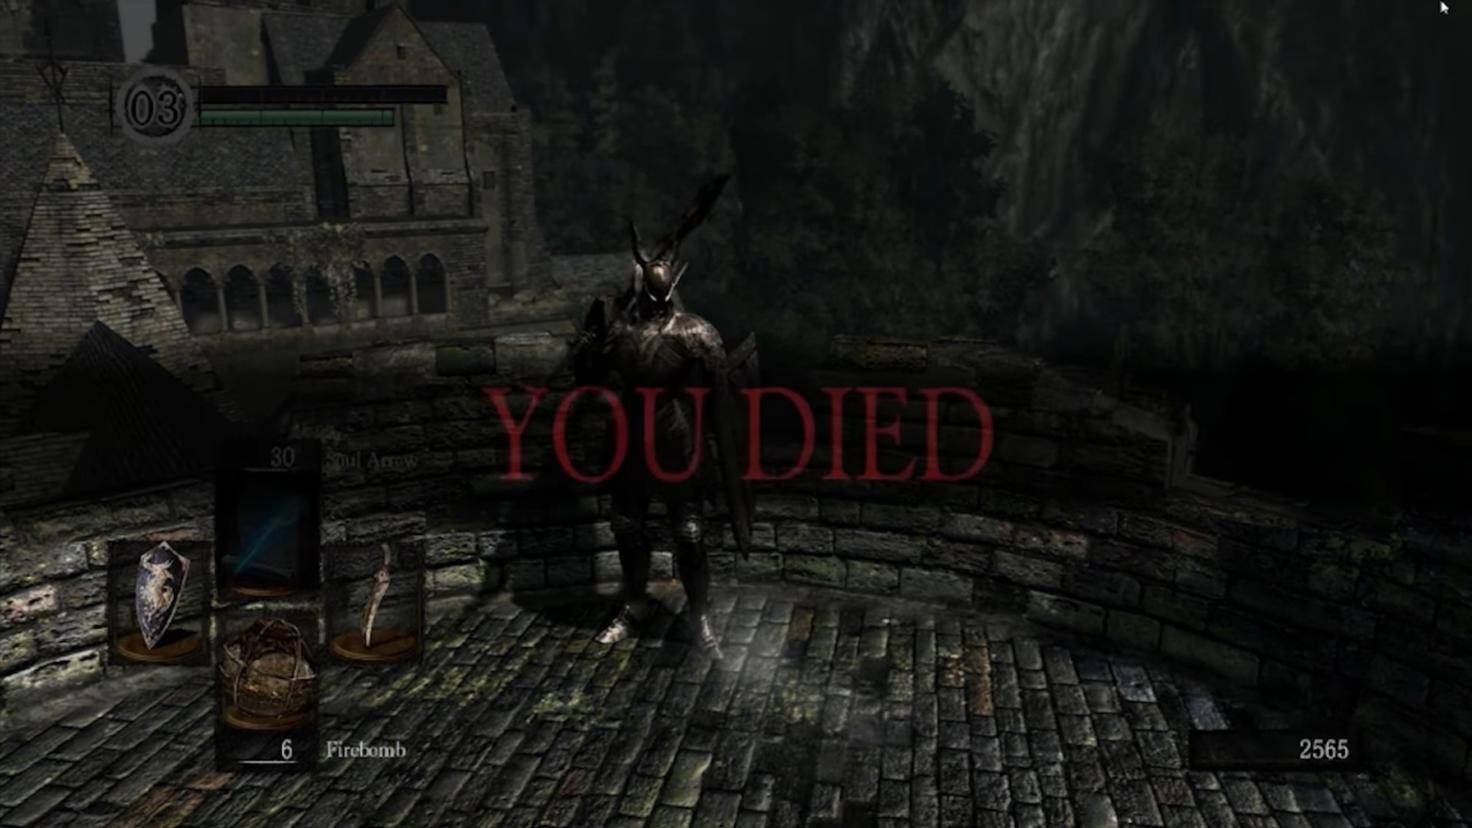 dark-souls-you-died